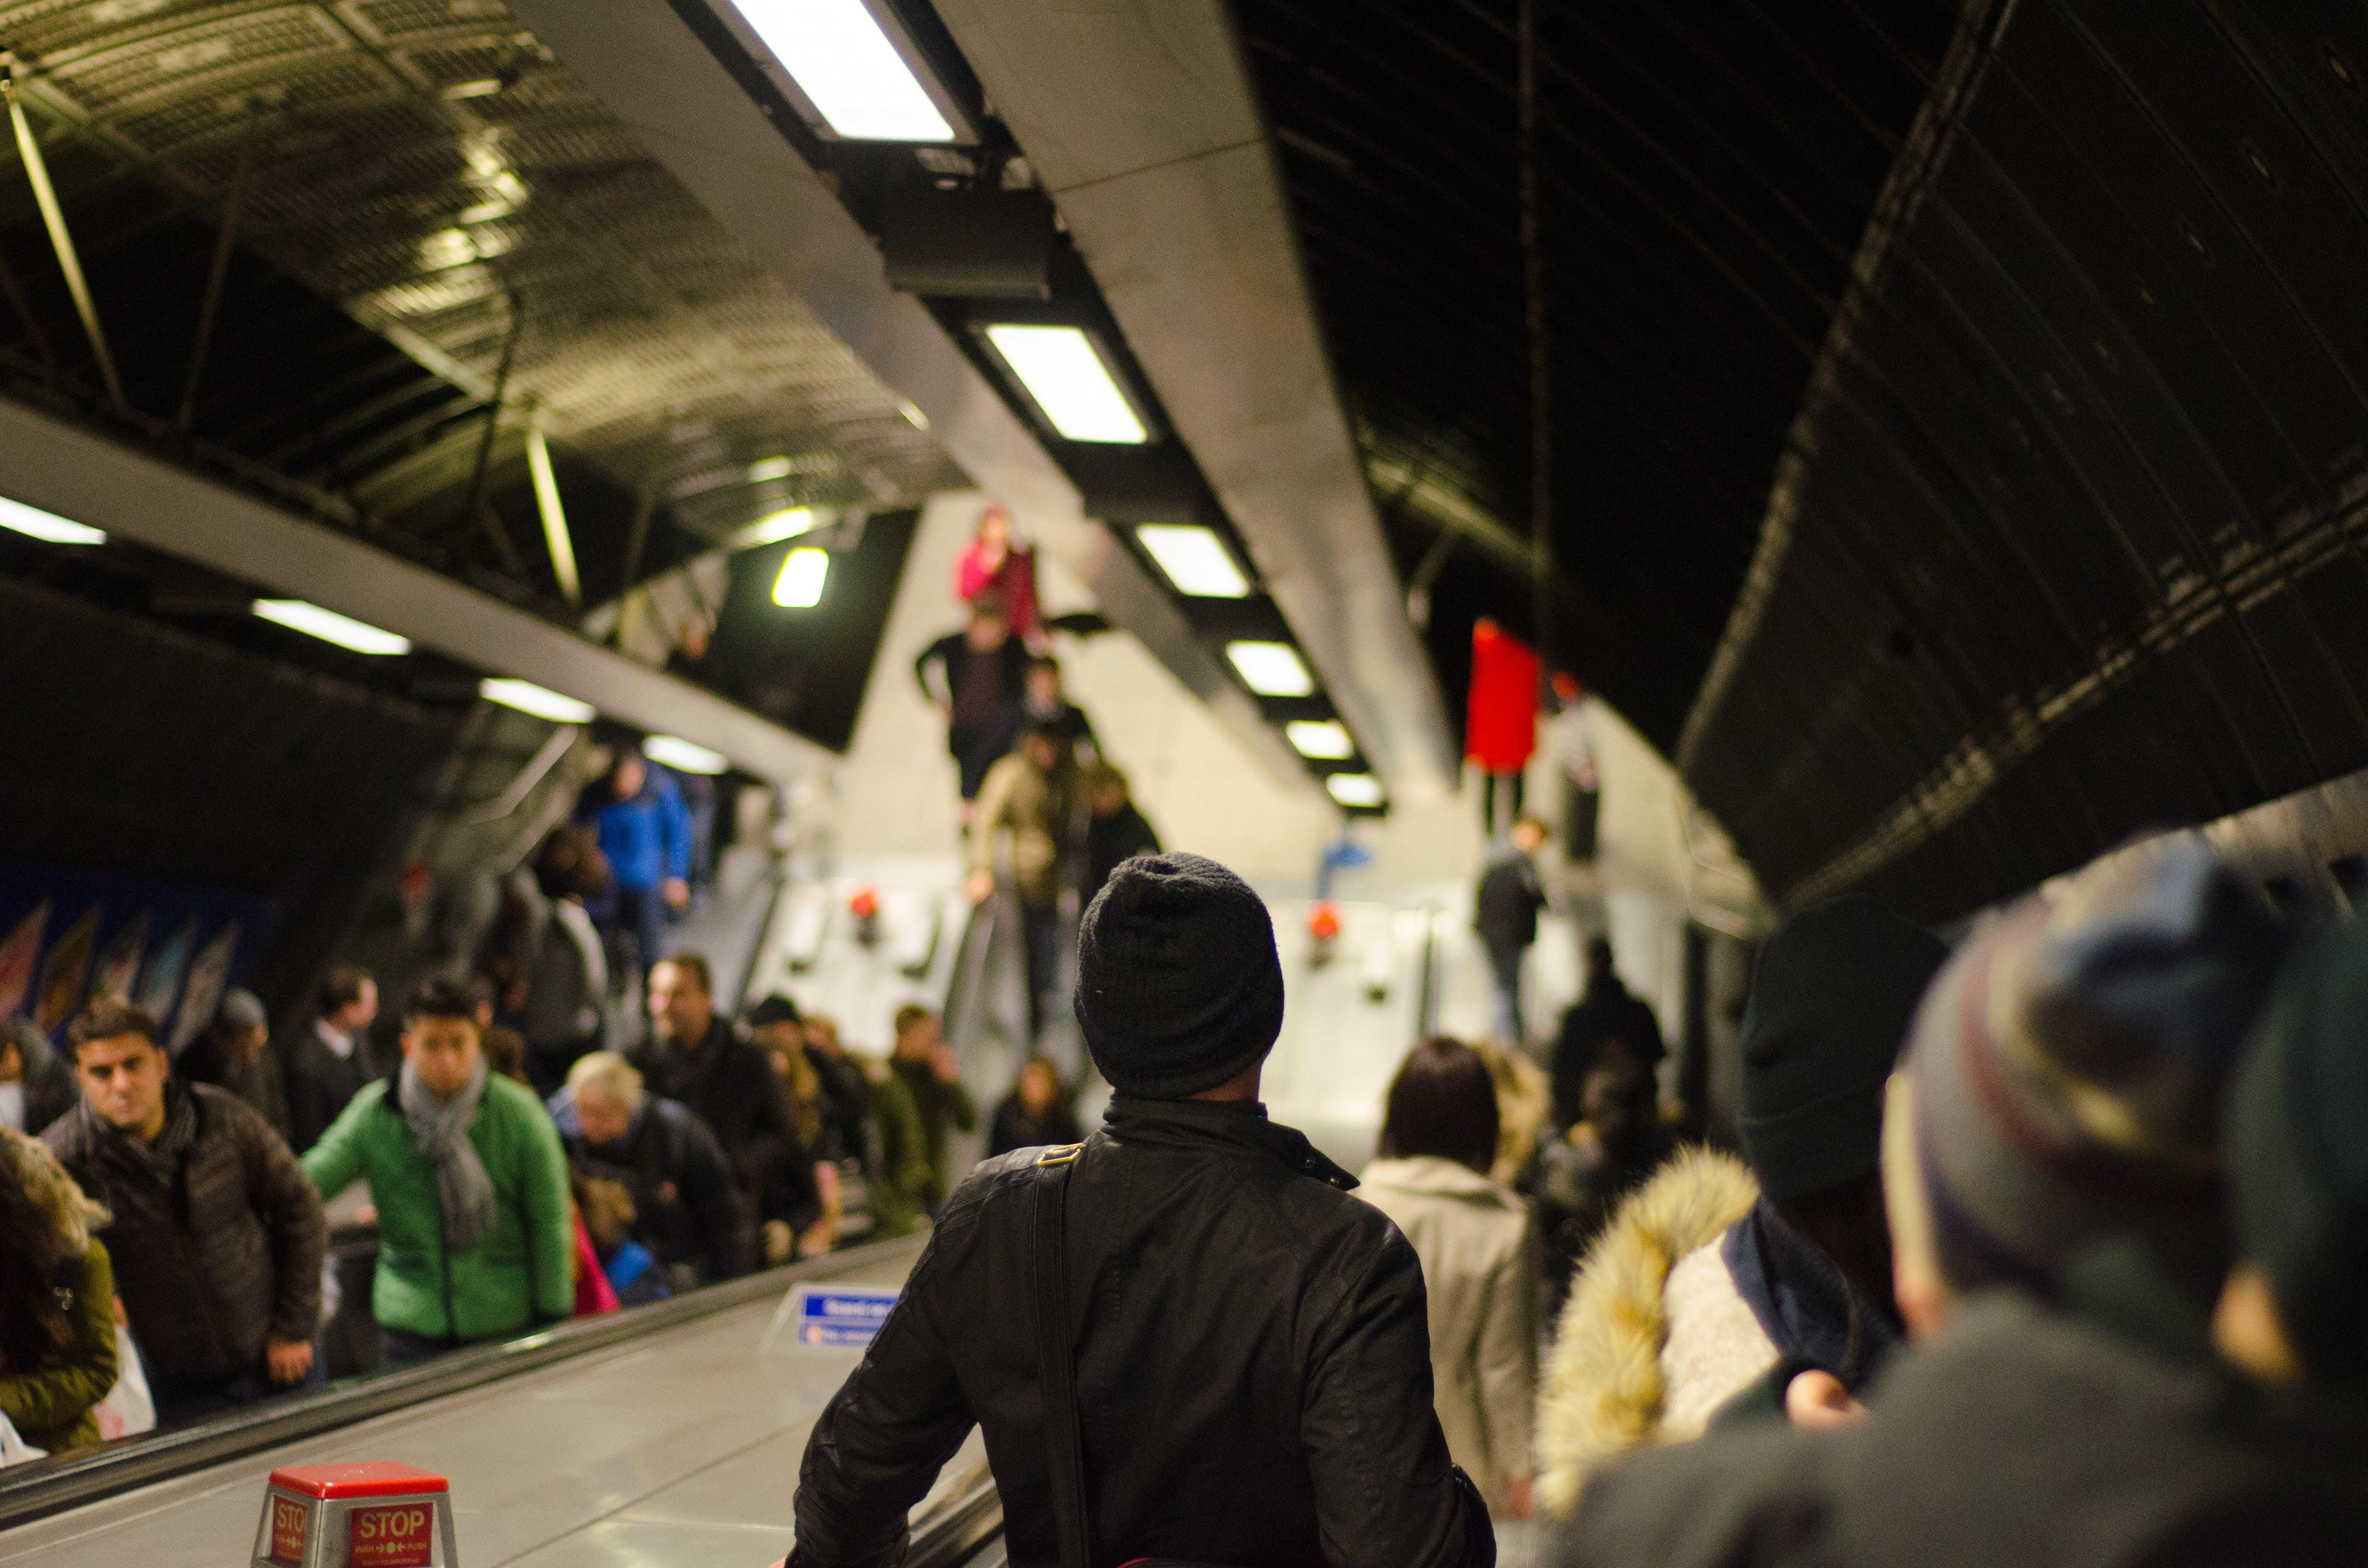 Man Wearing Black Knitted Cap